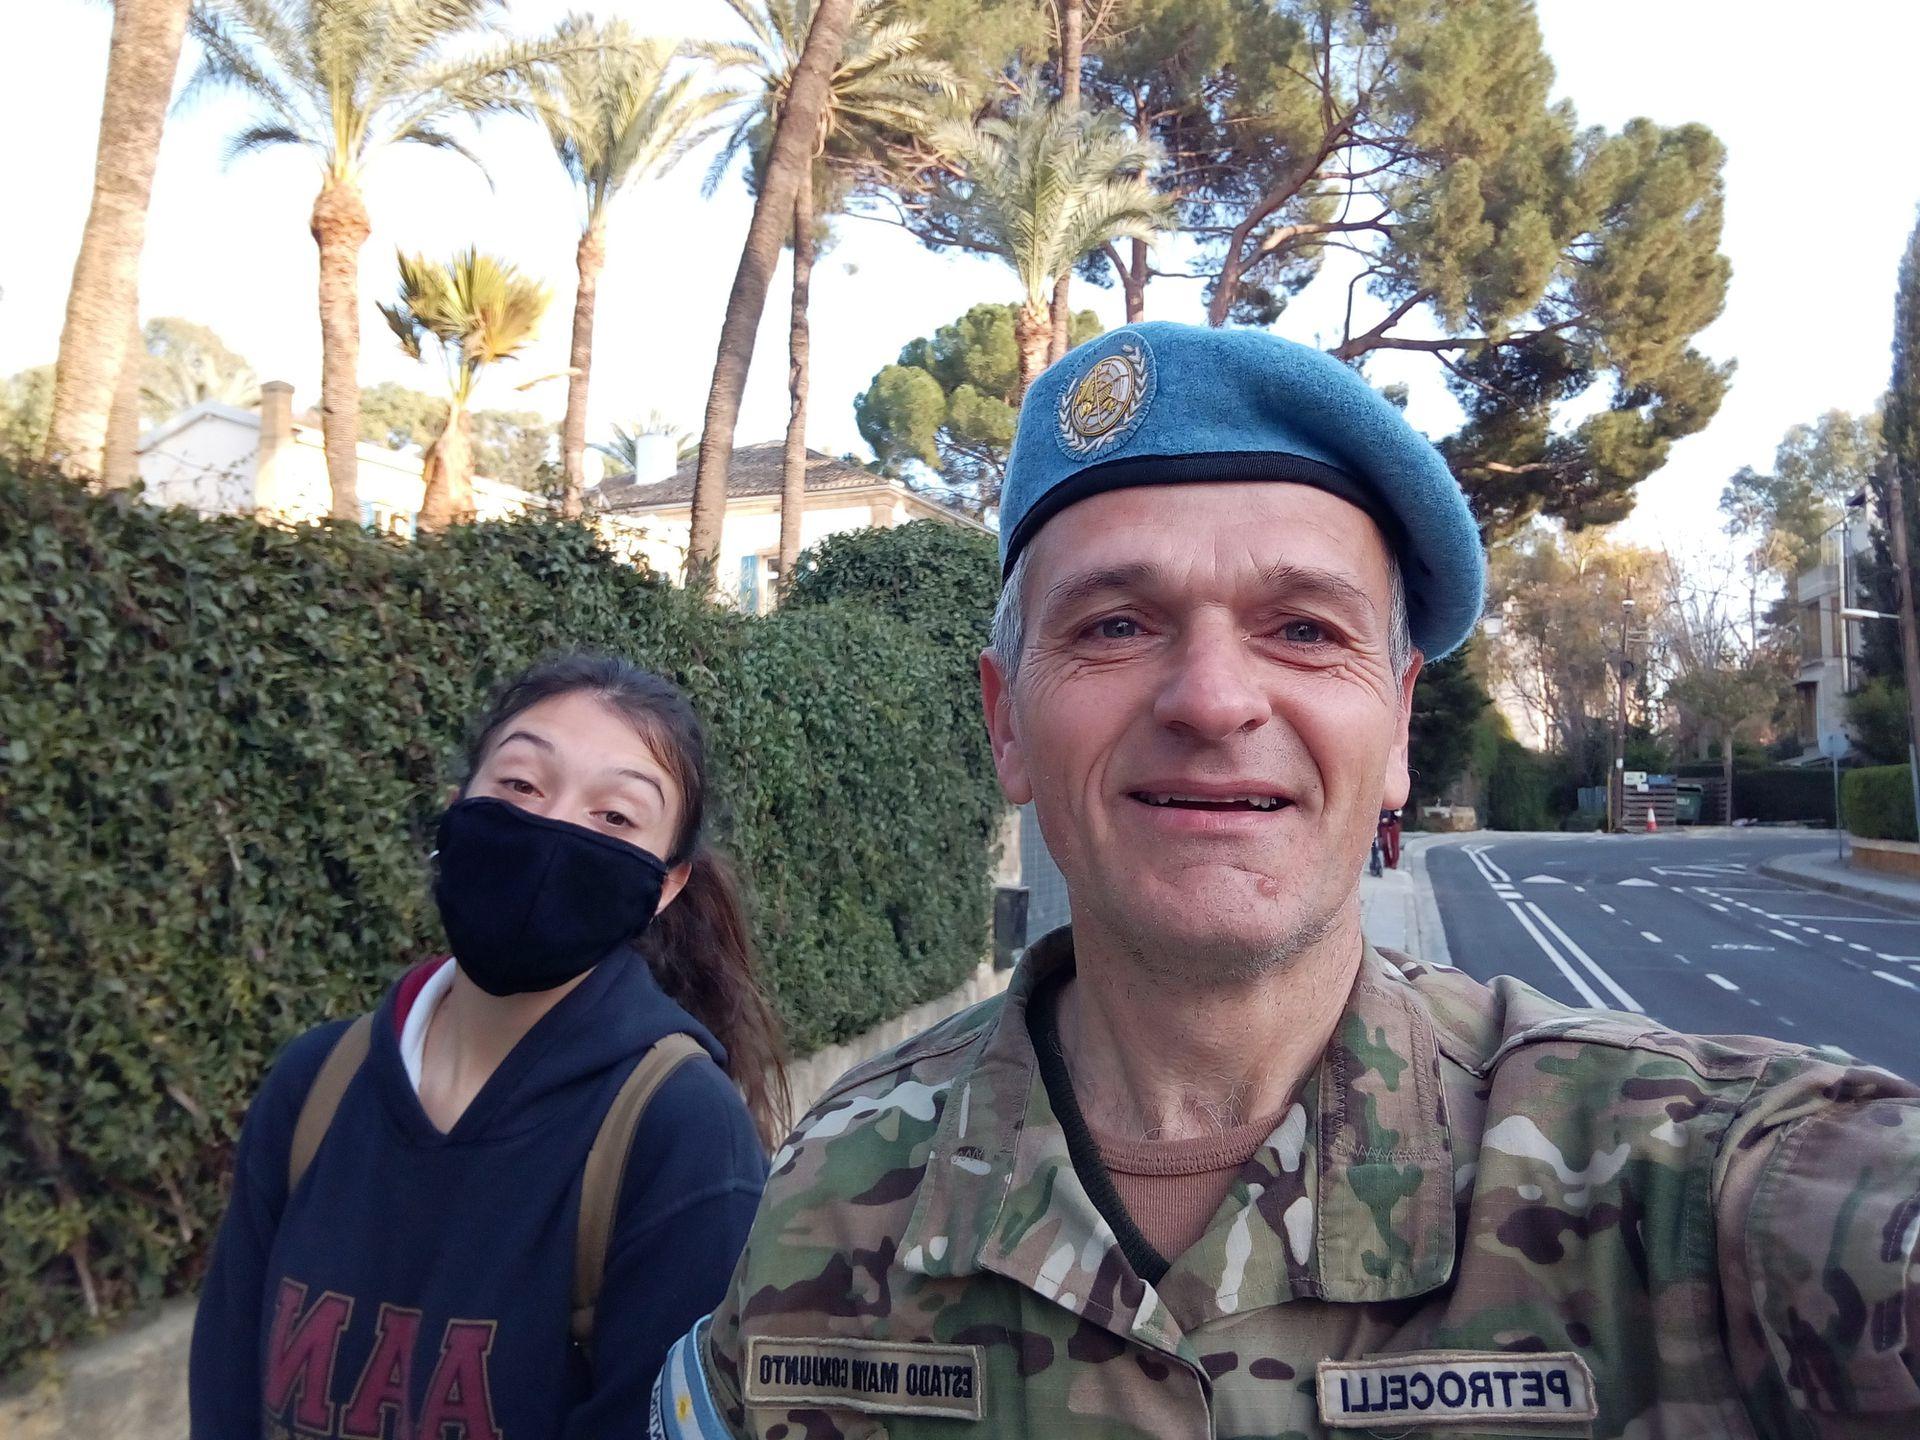 Petrocelli viajó con su mujer y su hija de 15 años, quien cursó el secundario en una escuela bilingüe de Chipre